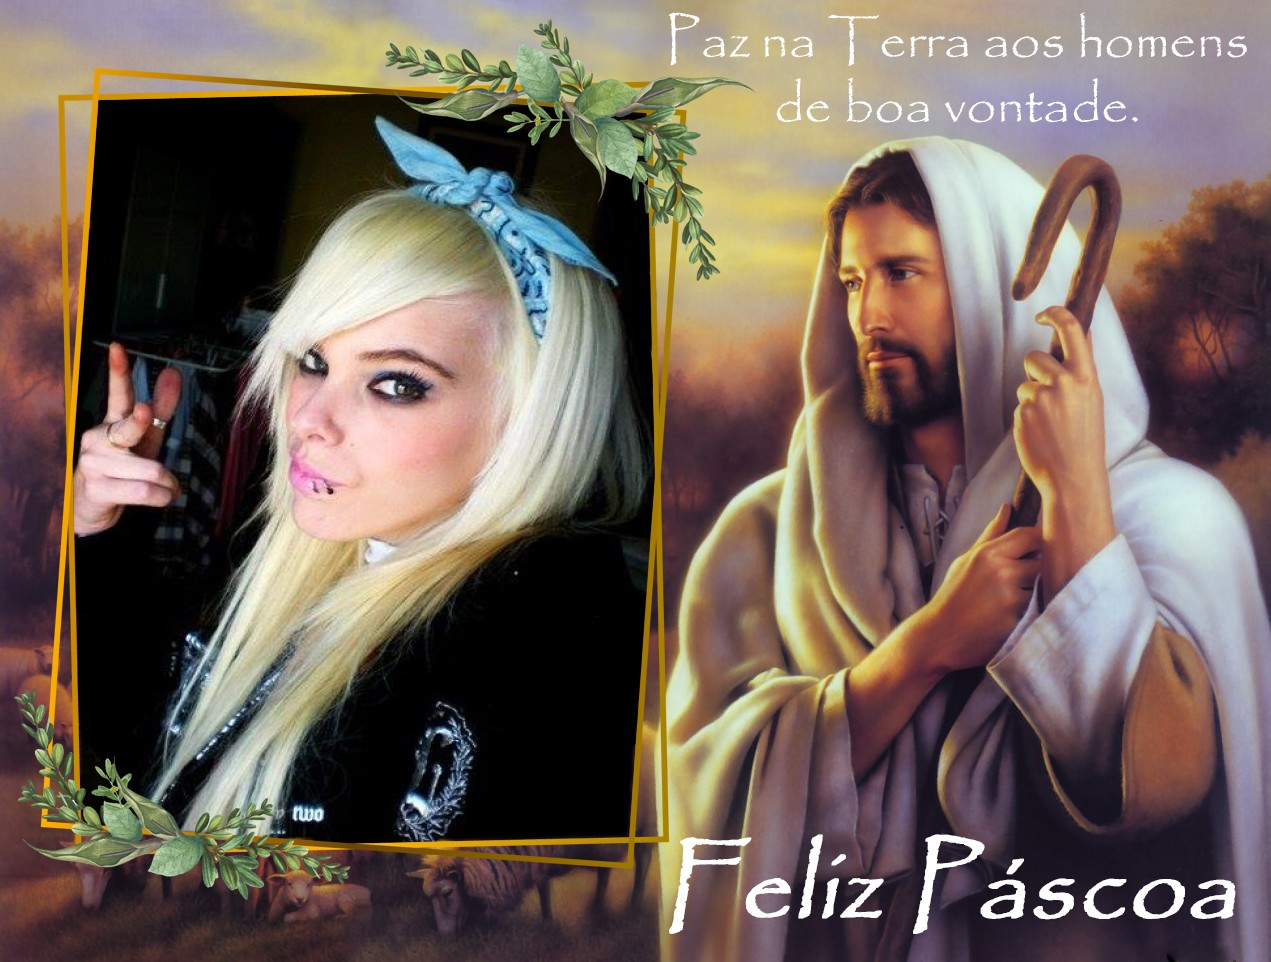 moldura-digital-feliz-pascoa-jesus-cristo